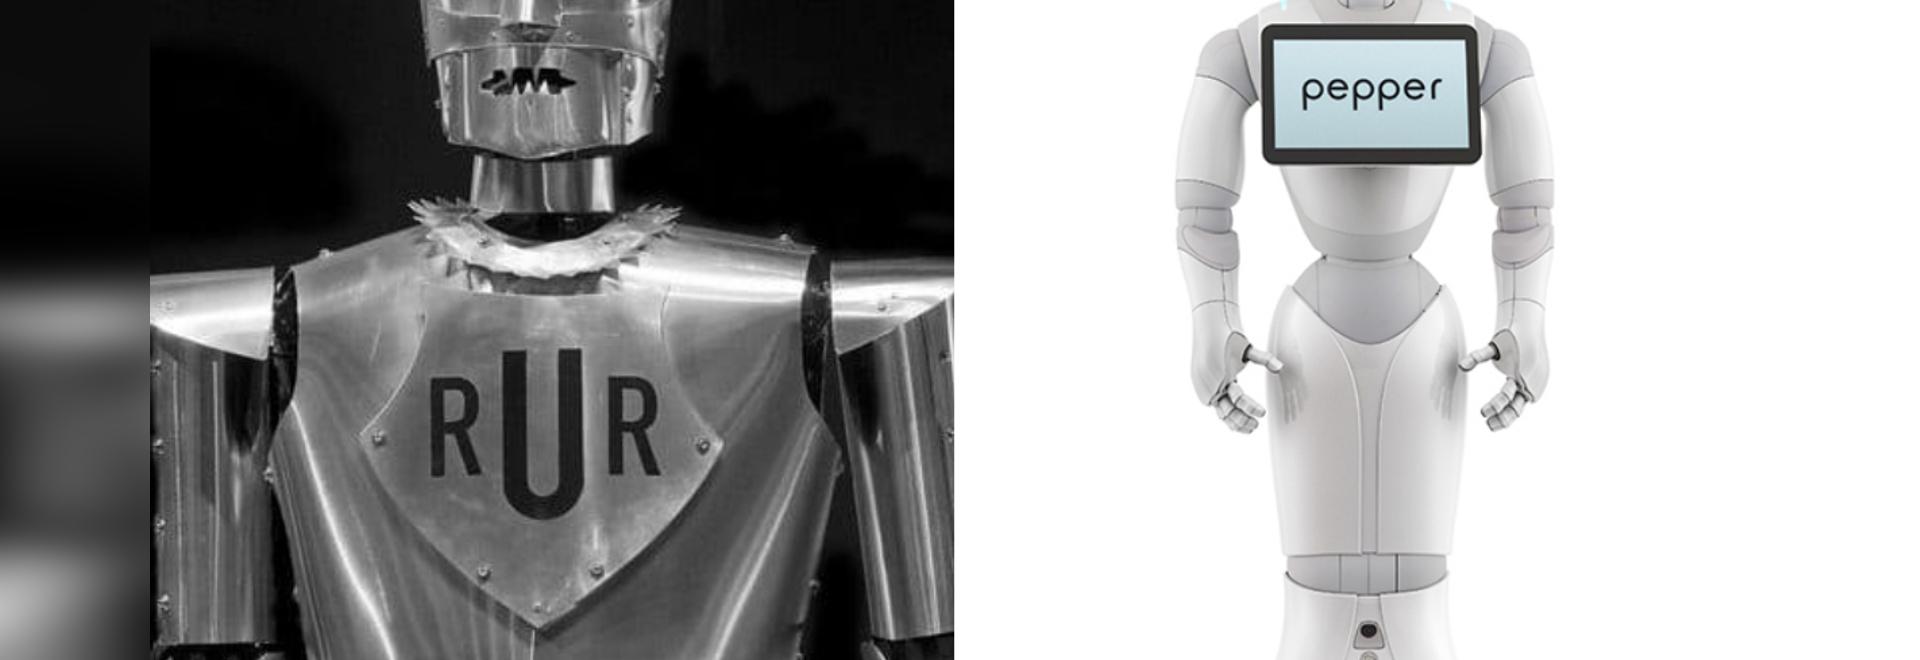 """El año 2020 marca el centenario de la obra de ciencia ficción """"R.U.R."""" del escritor checo Karel Čapek"""